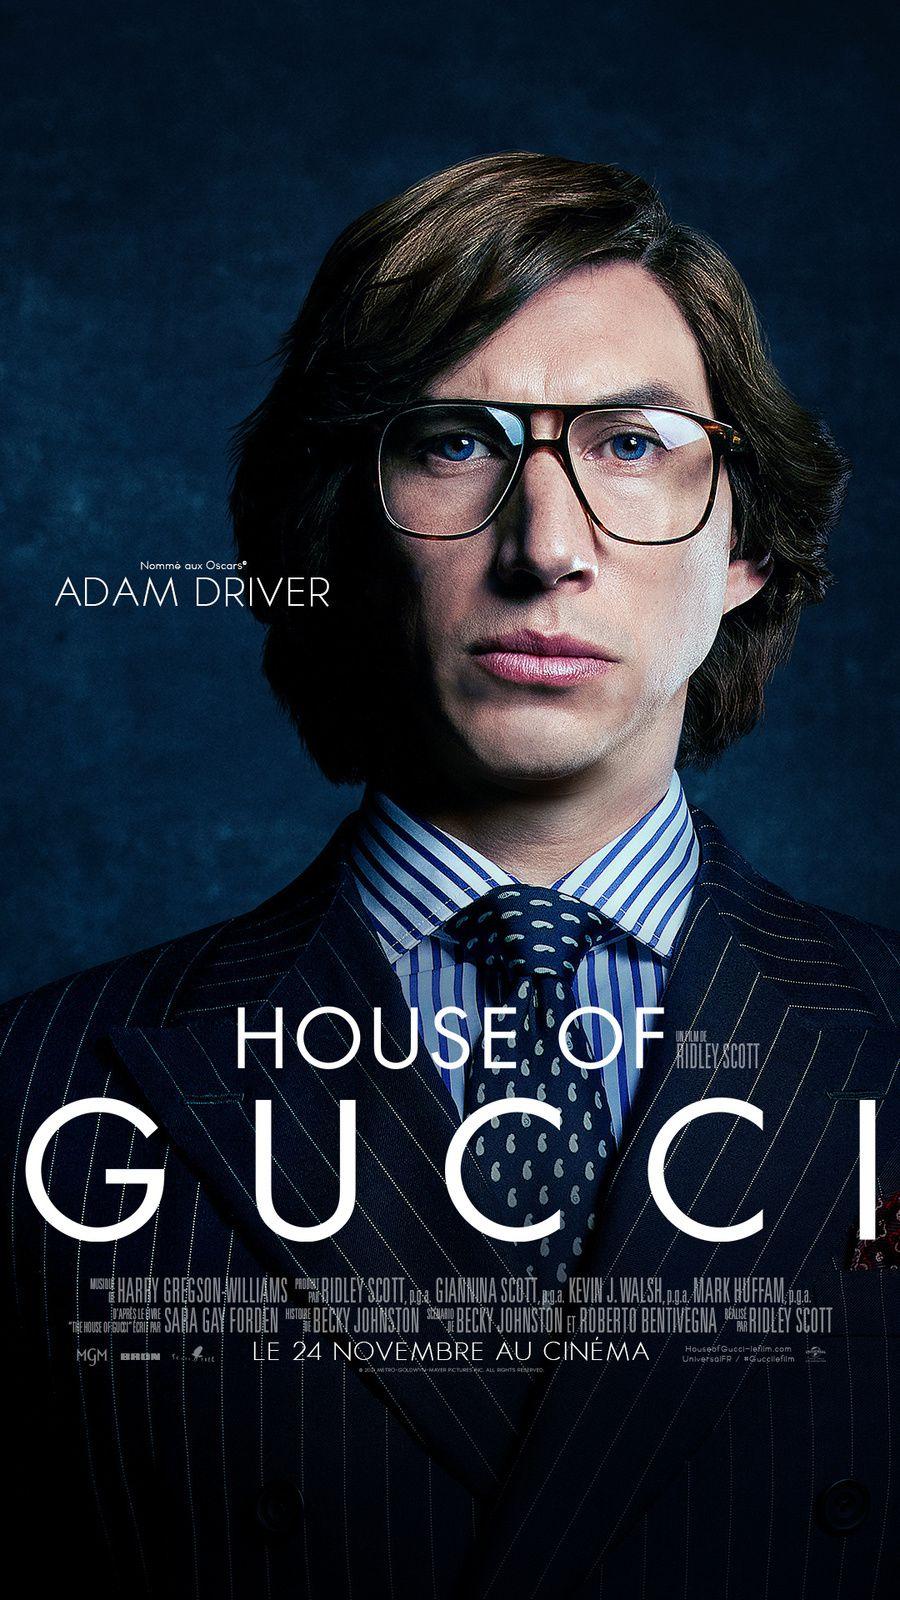 HOUSE OF GUCCI, au Cinéma le 24 novembre 2021 de Ridley Scott, avec Lady Gaga, Adam Driver, Jared Leto, Jeremy Irons et Al Pacino